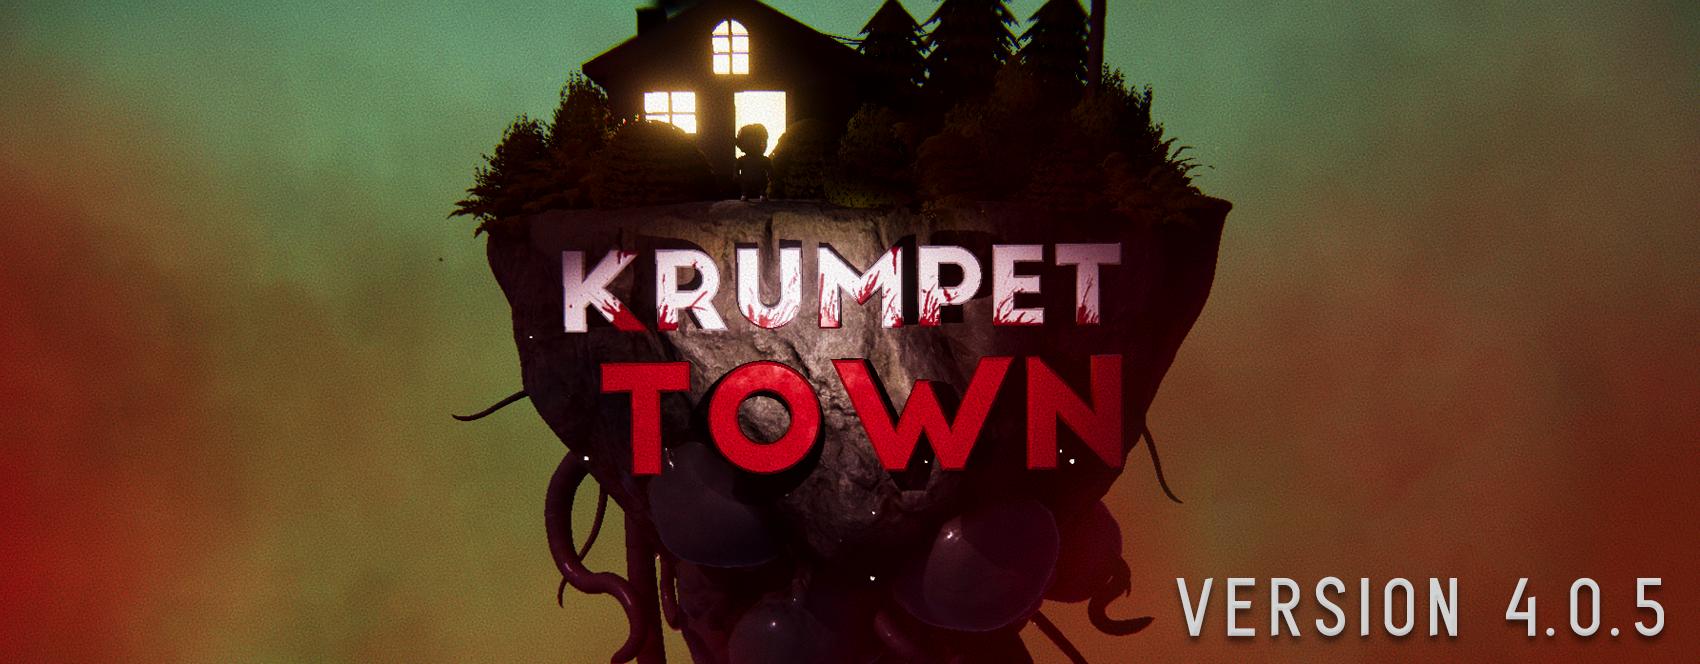 Krumpet Town Demo